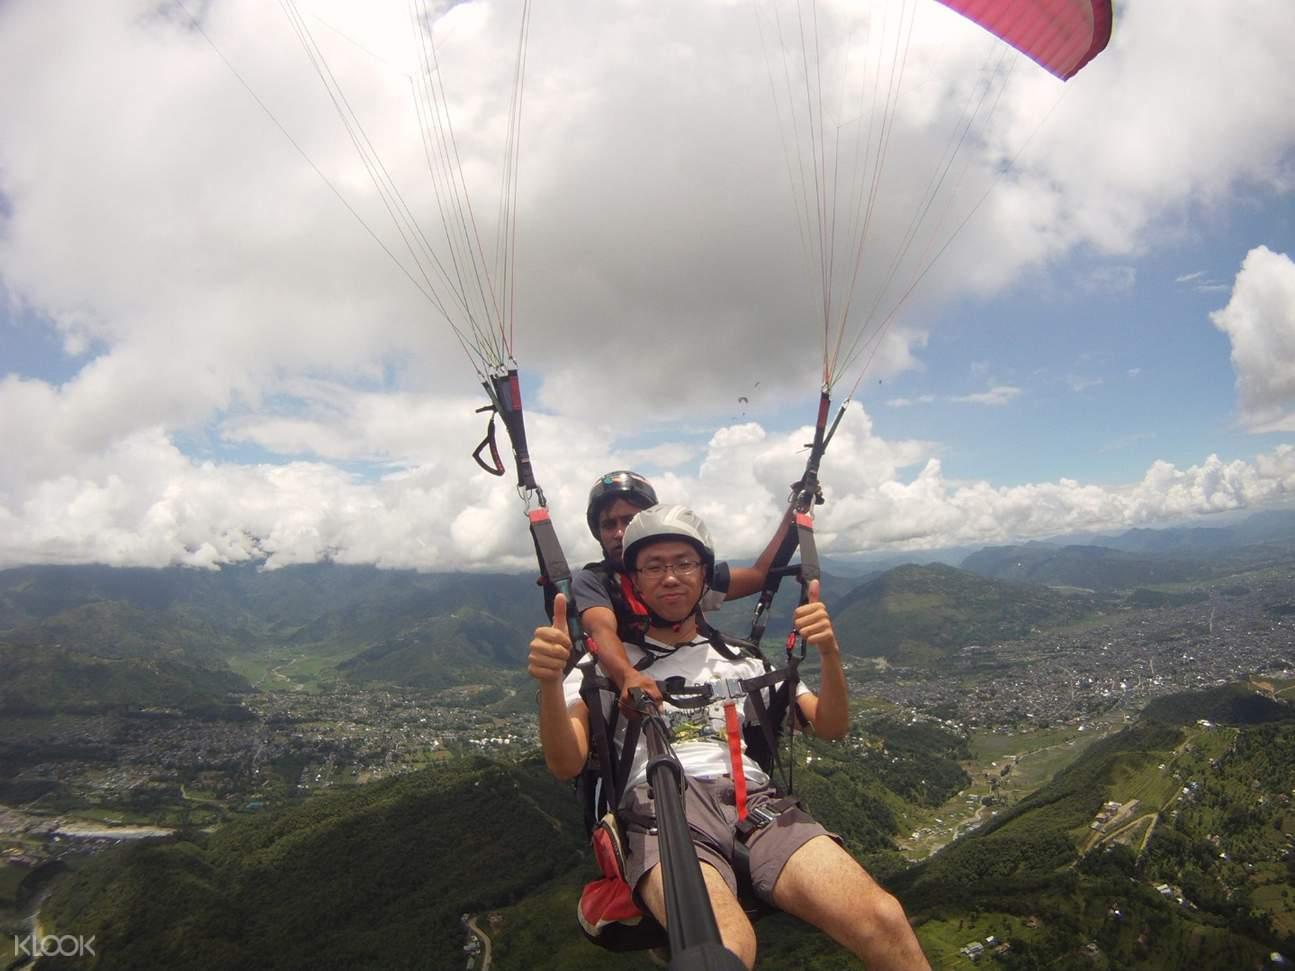 印度孟買浦那Kamshet滑翔傘飛行體驗